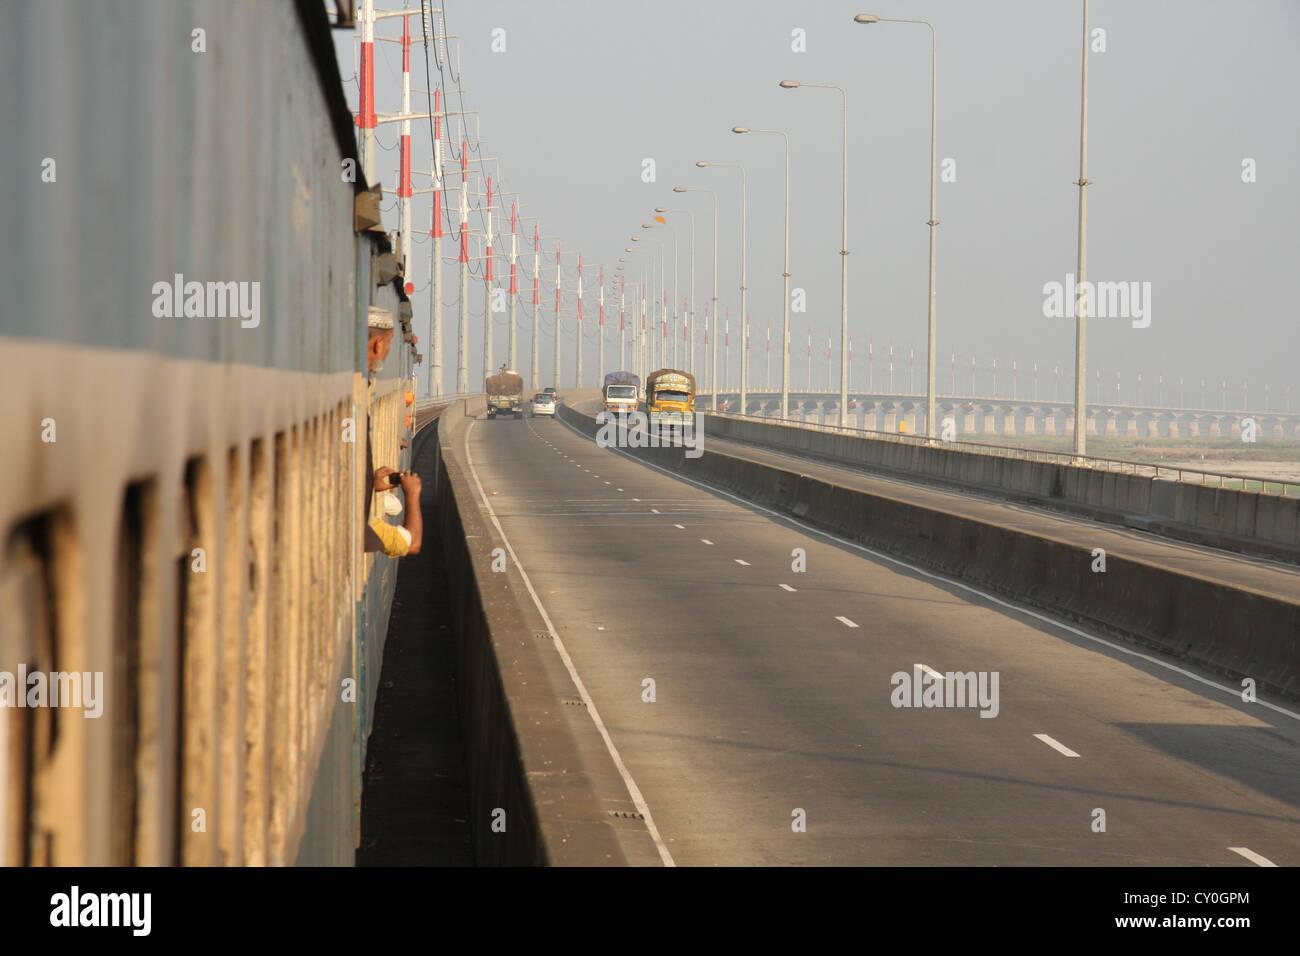 A train runs through the Bangabandhu Multipurpose Jamuna Bridge. Tangail, Bangladesh. - Stock Image